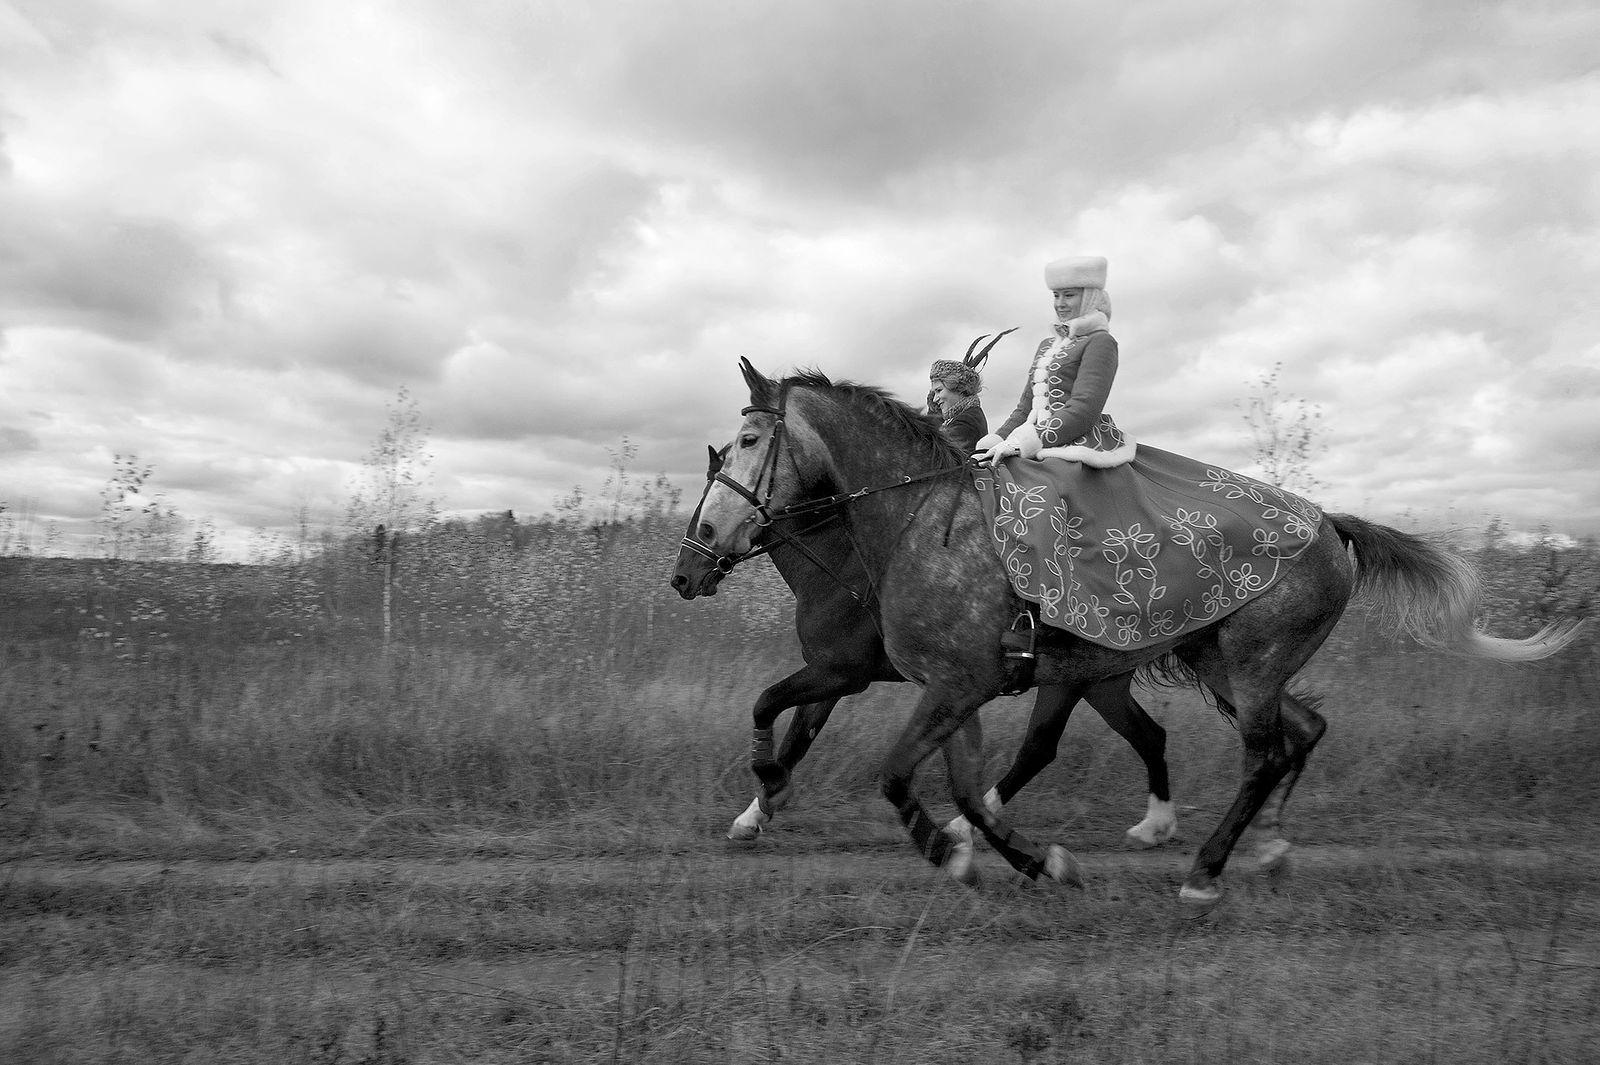 Игорь Нестеров. Конные охоты. Счастье на бегу